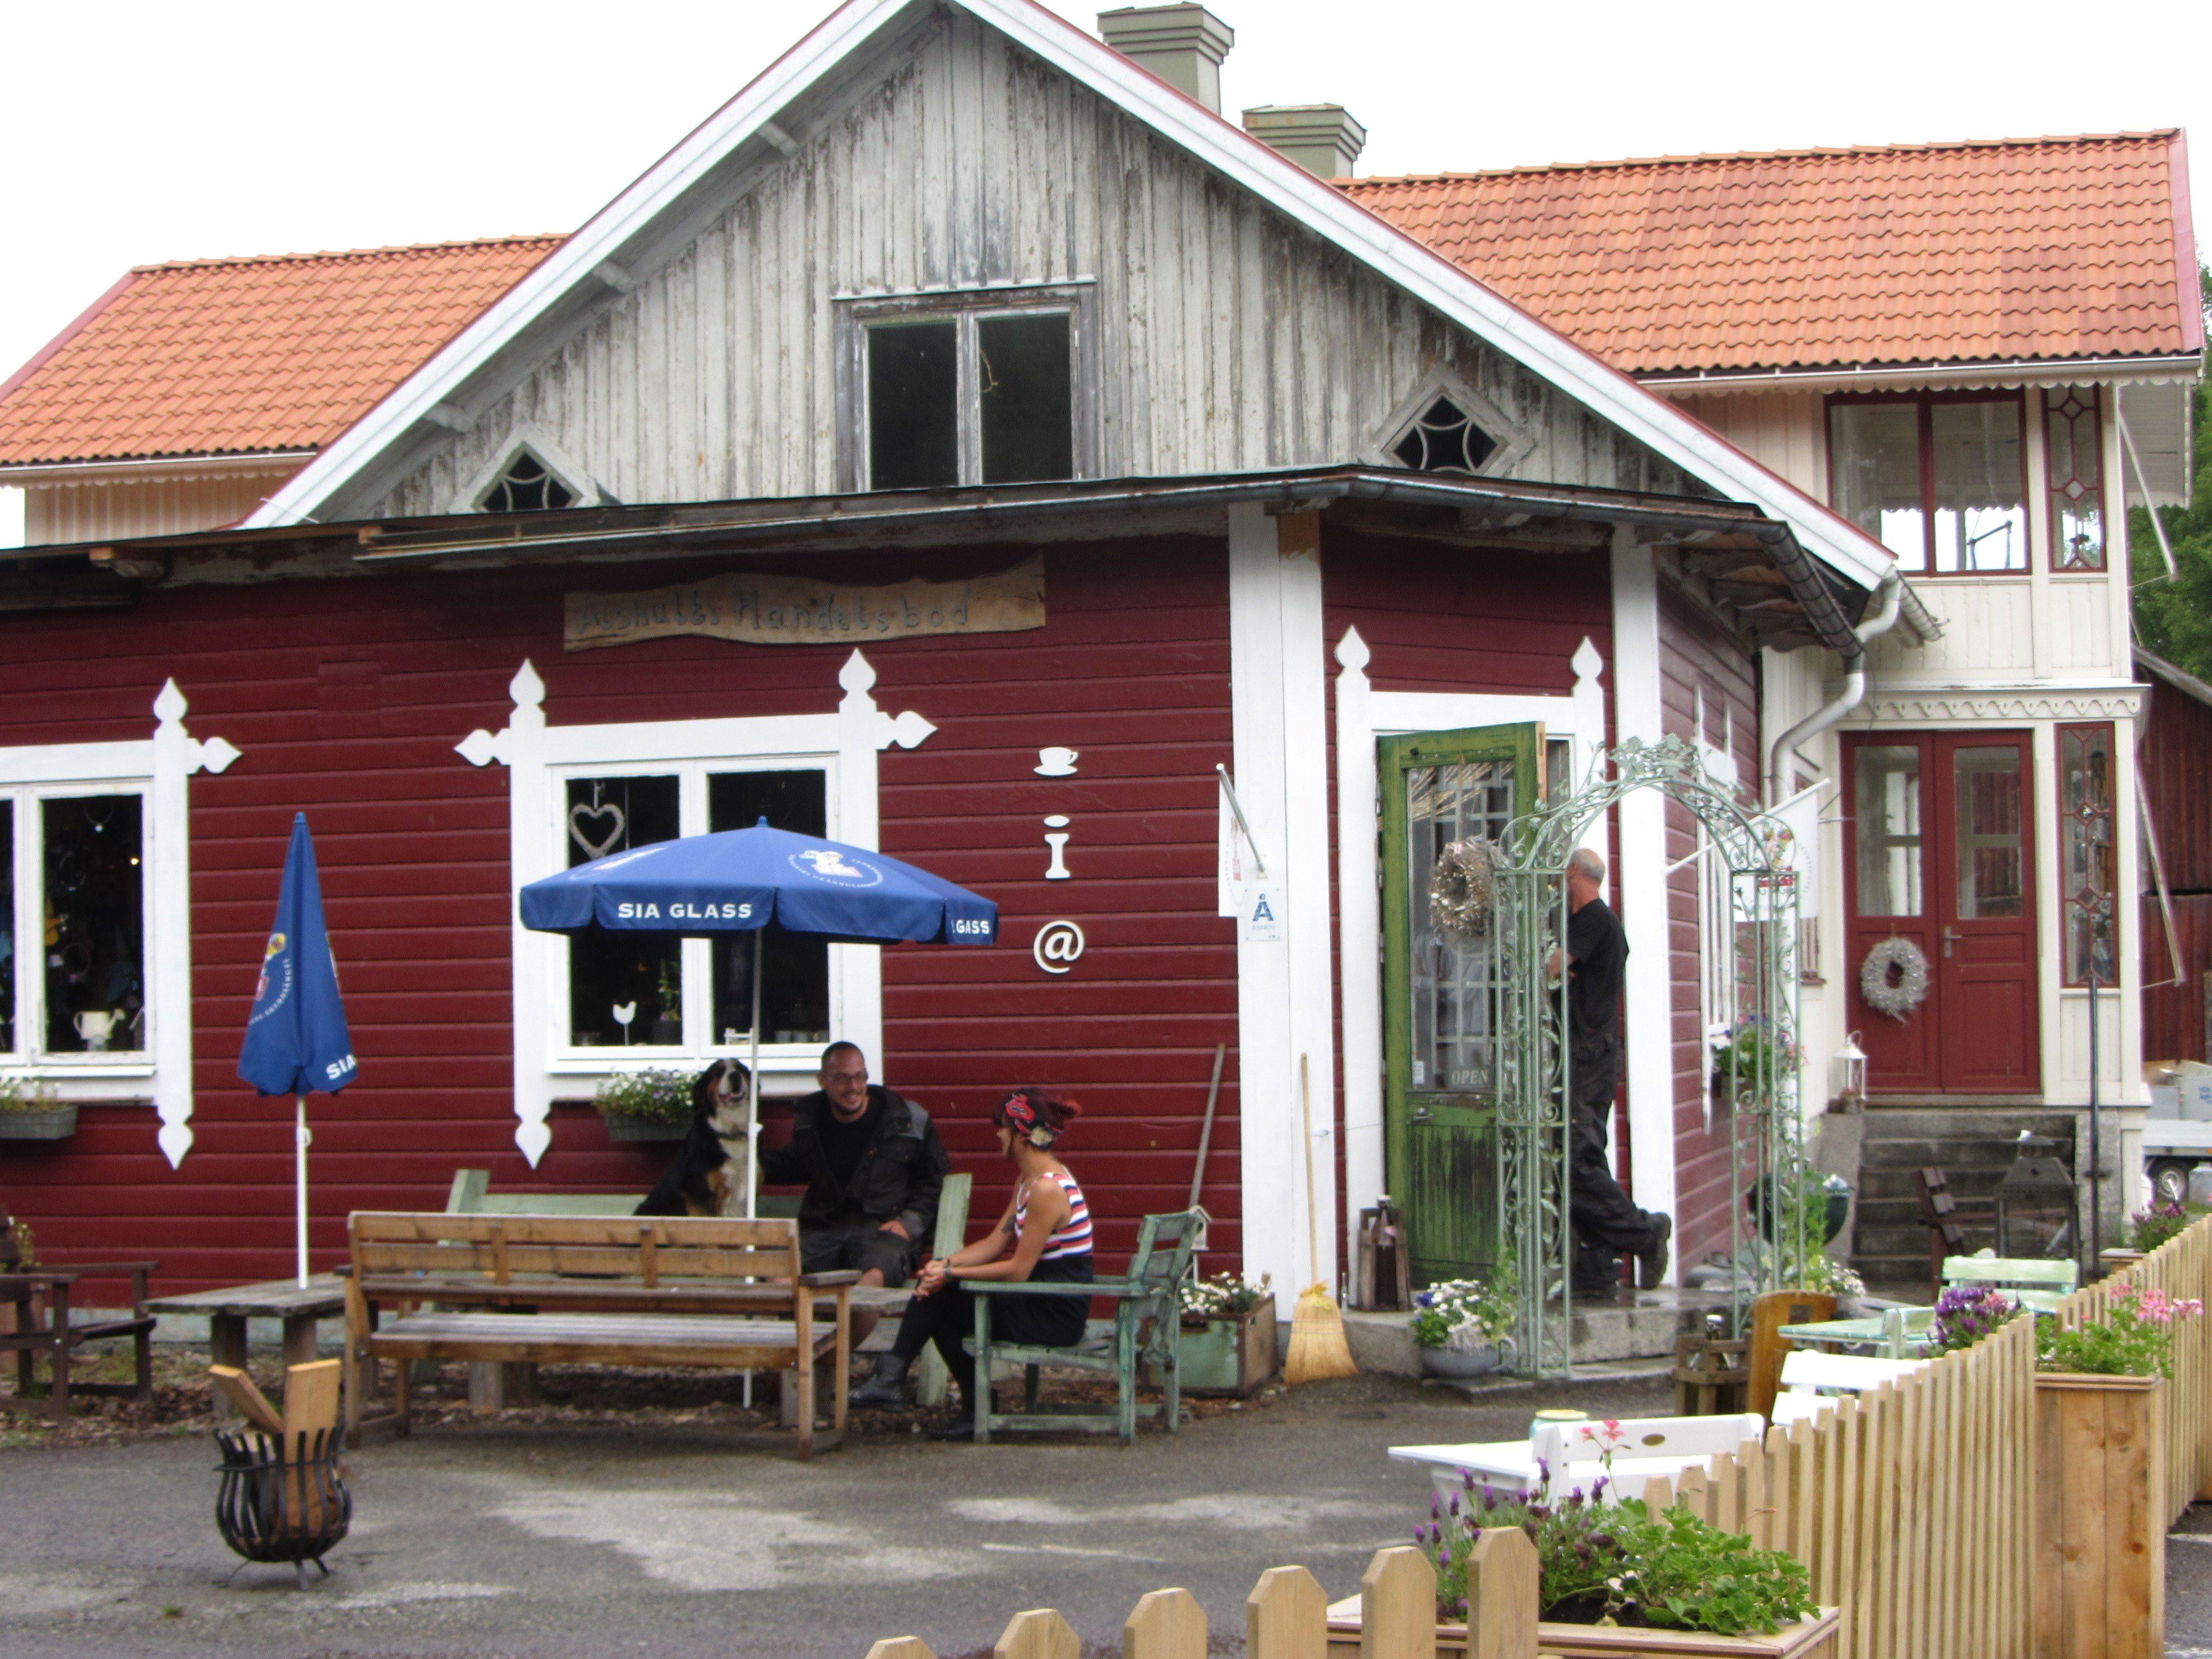 Ålshults Handelsbod och café